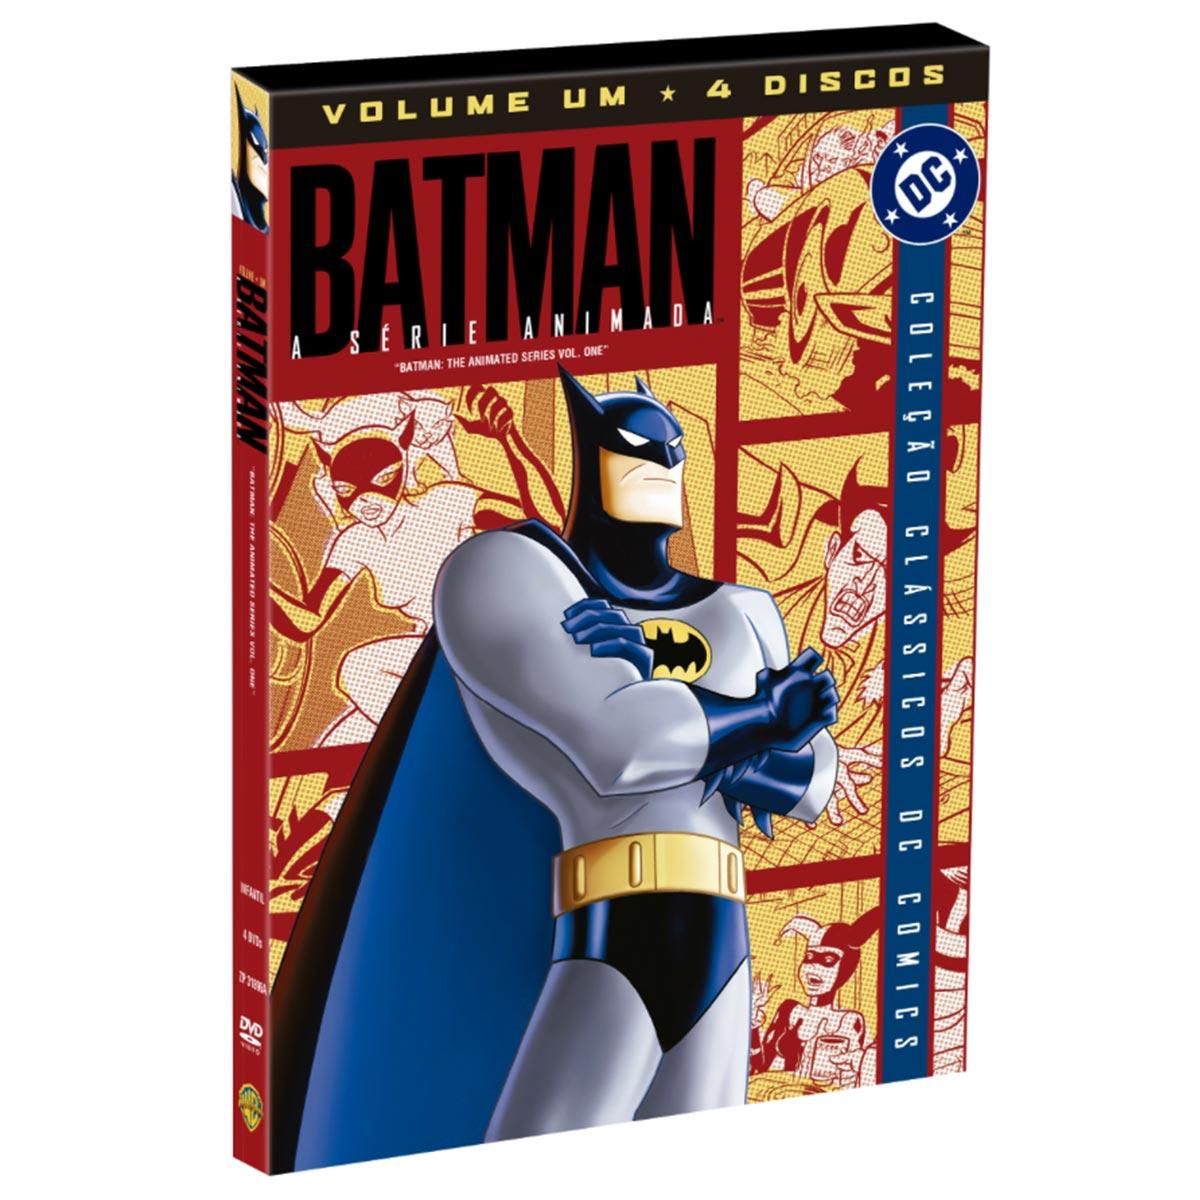 DVD Batman O Desenho em Série Volume 1